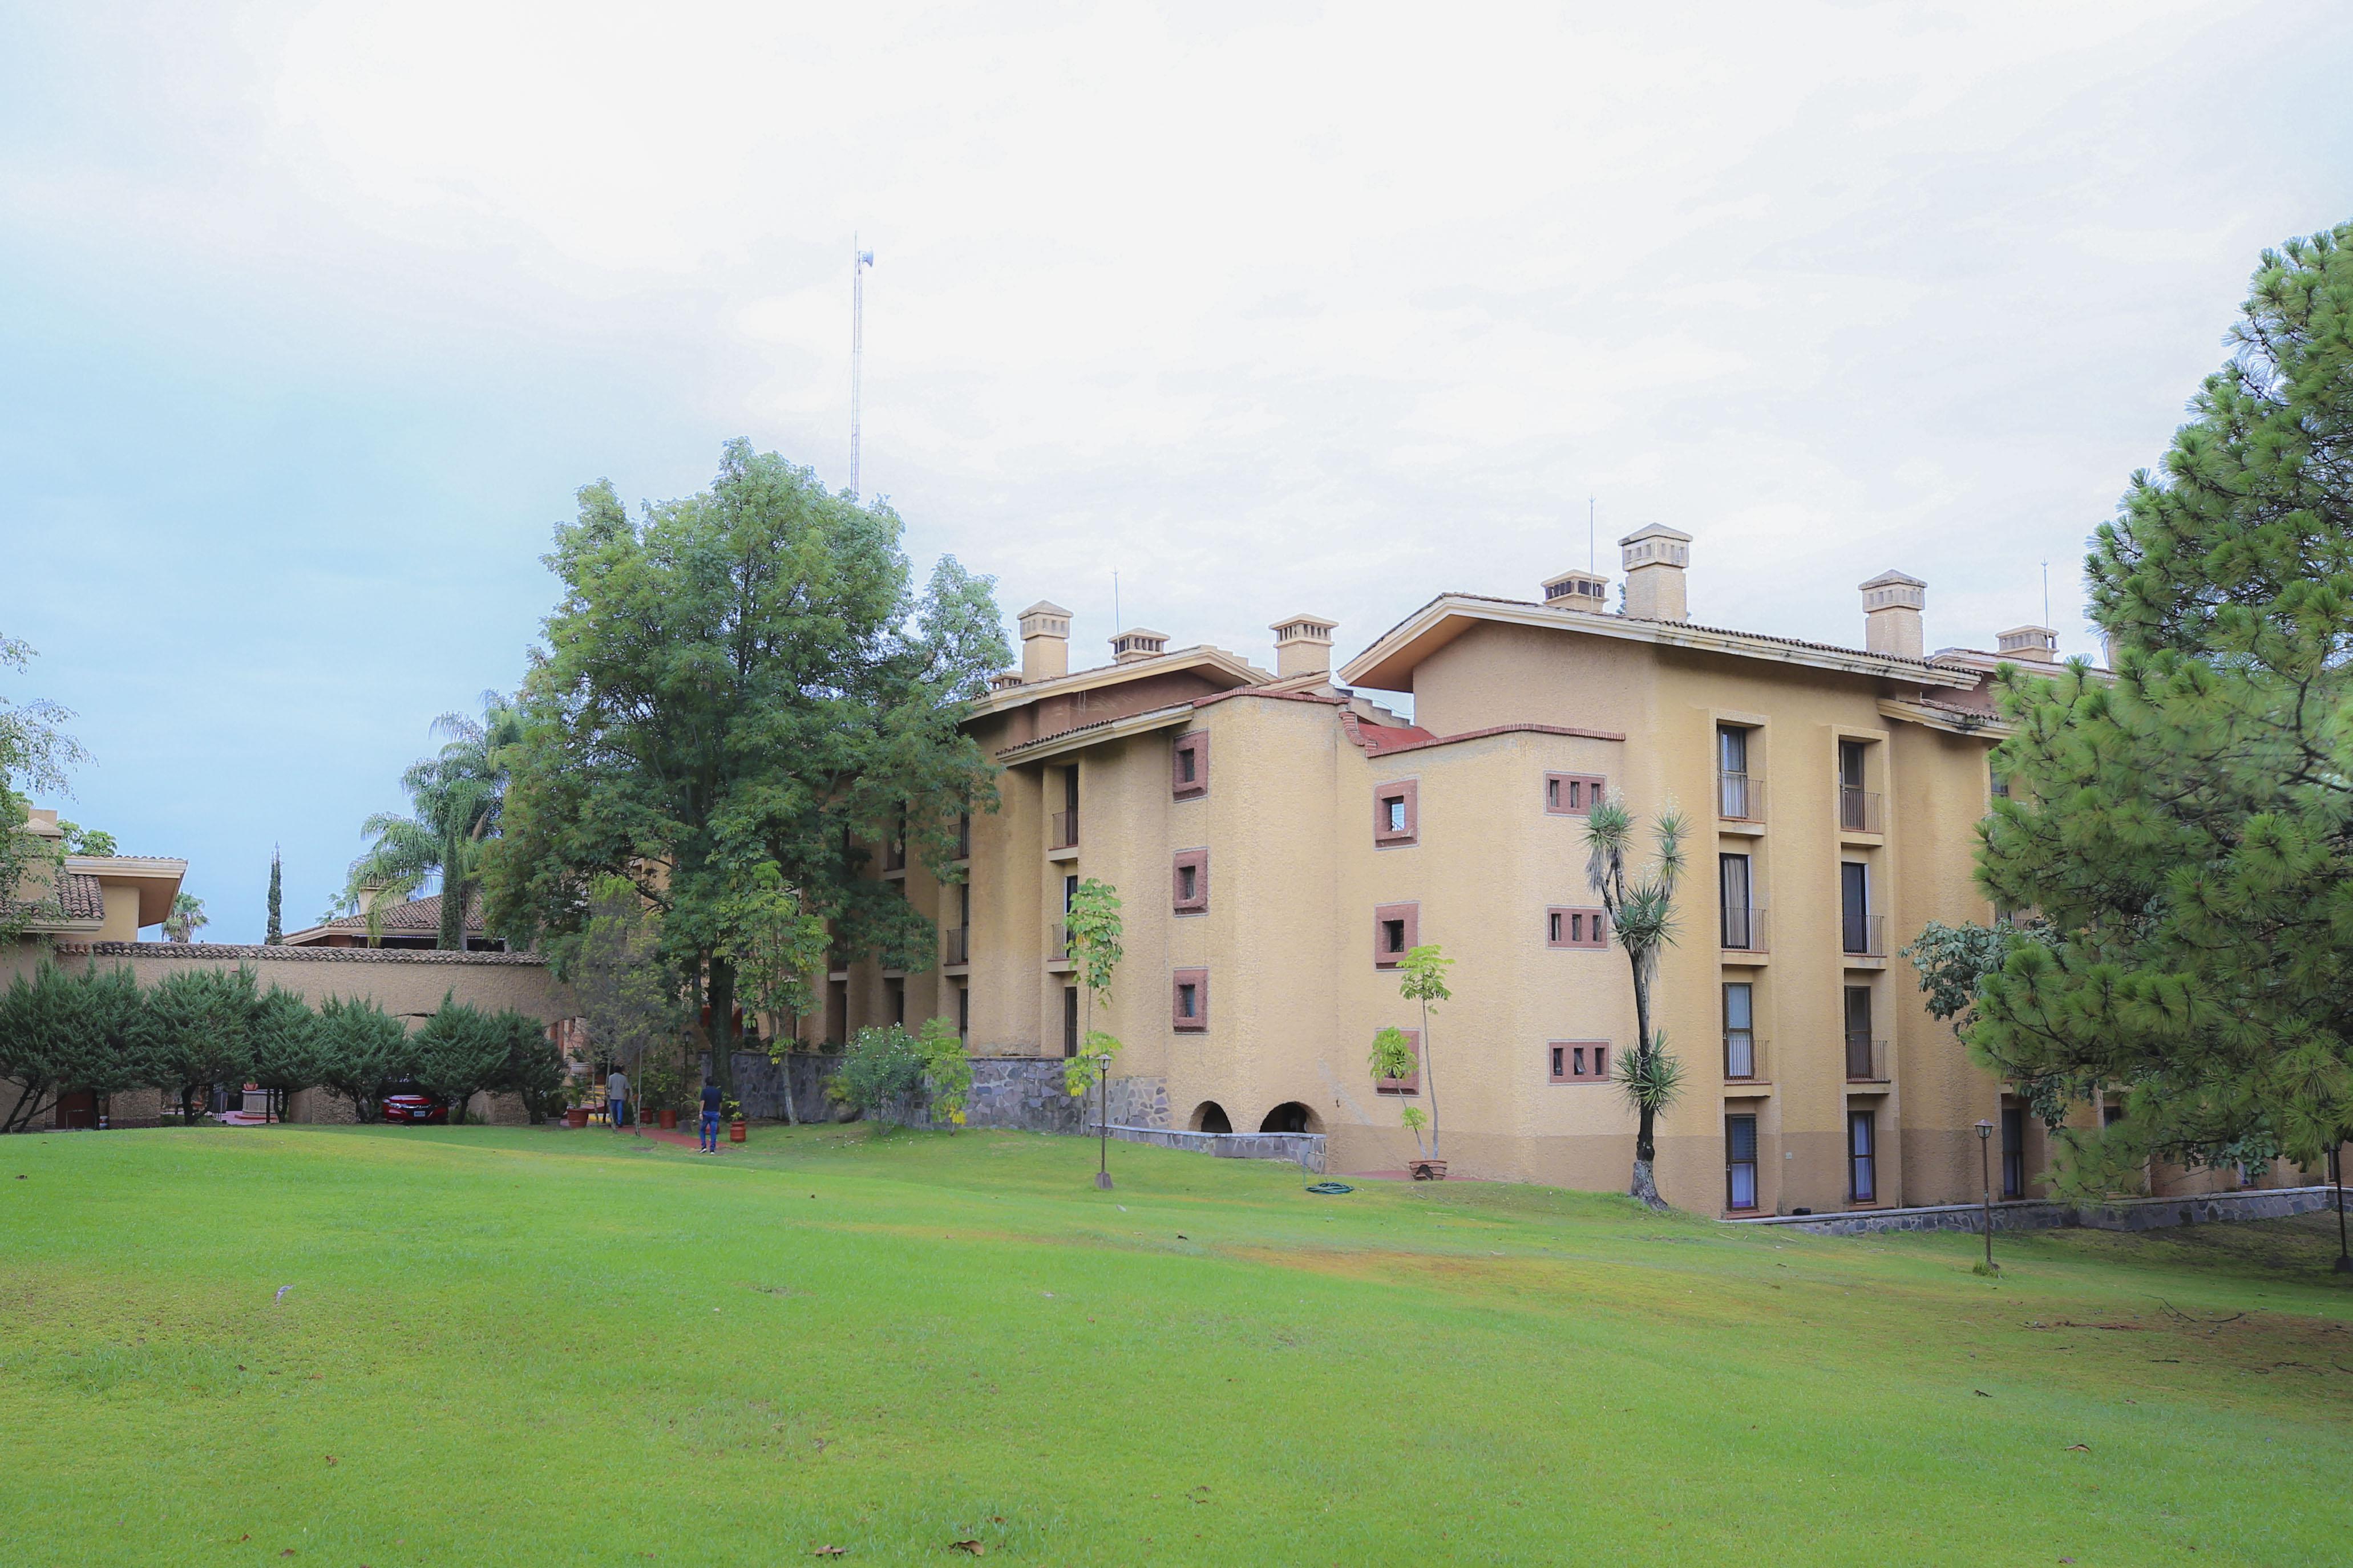 Área de jardín a los alrededores del hotel